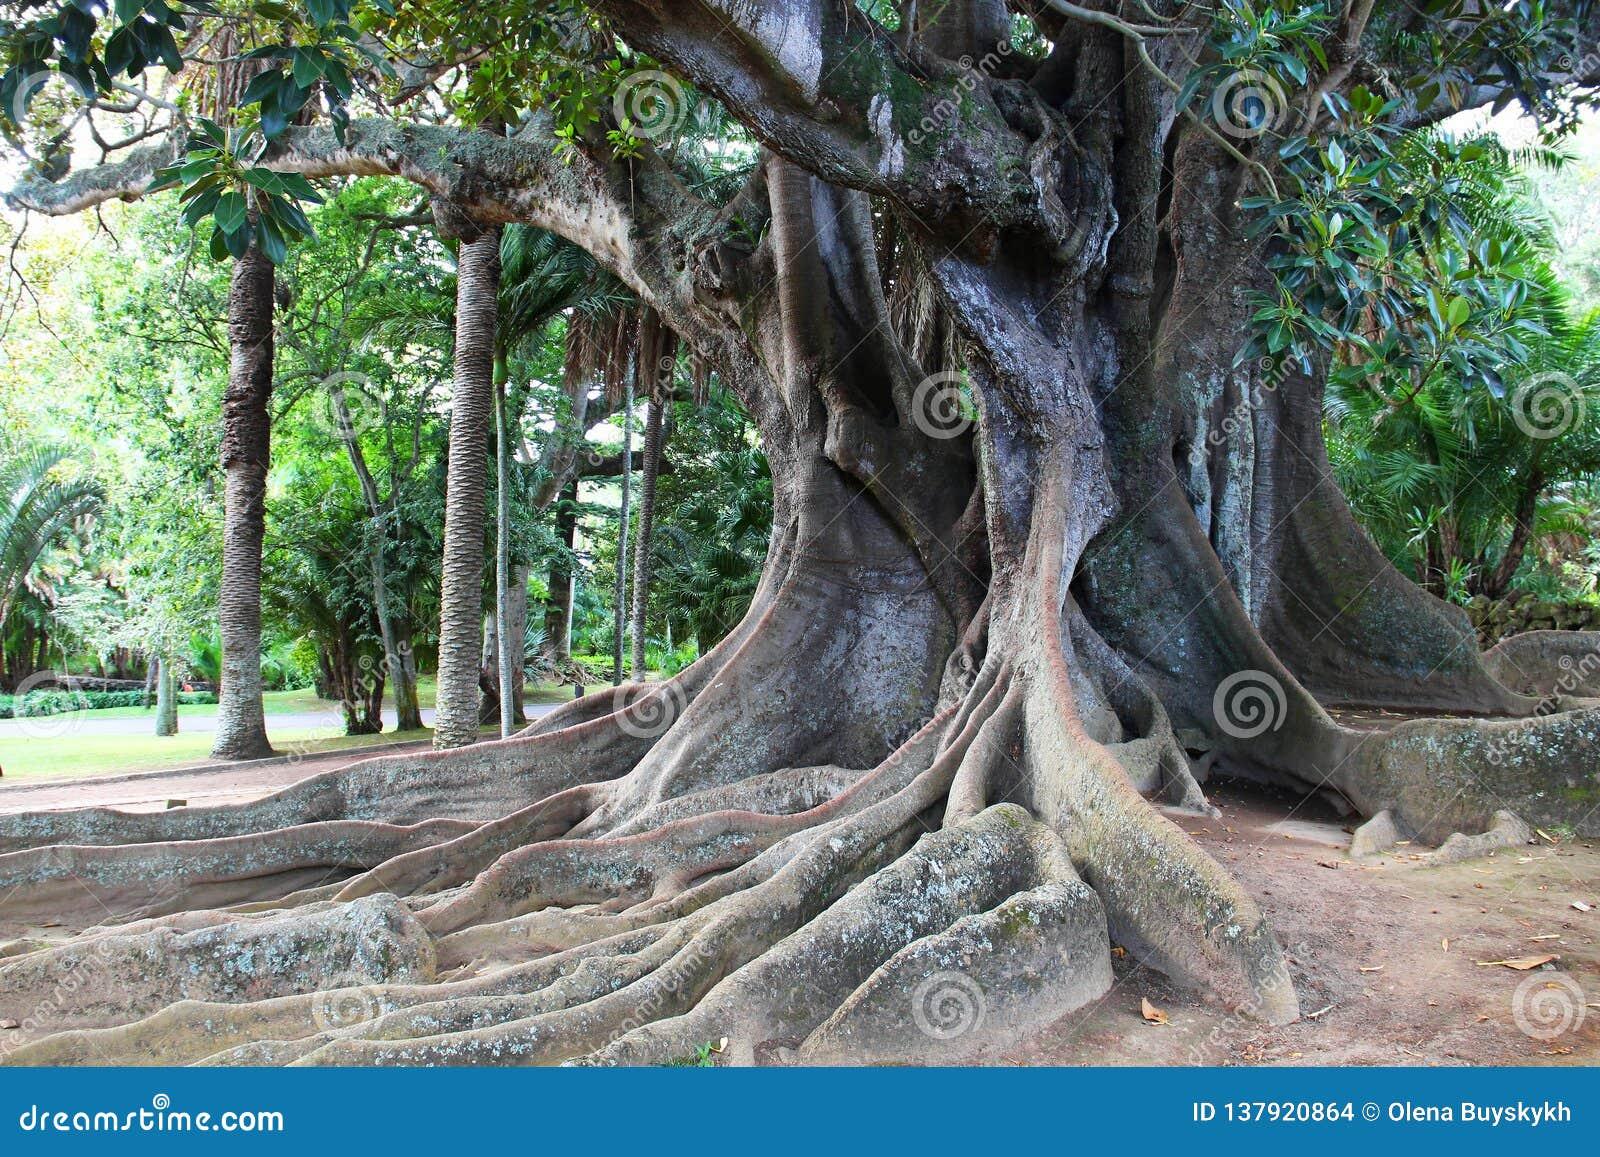 巨大的榕属树在安东尼奥博尔赫斯公园,蓬塔德尔加达,亚速尔海岛